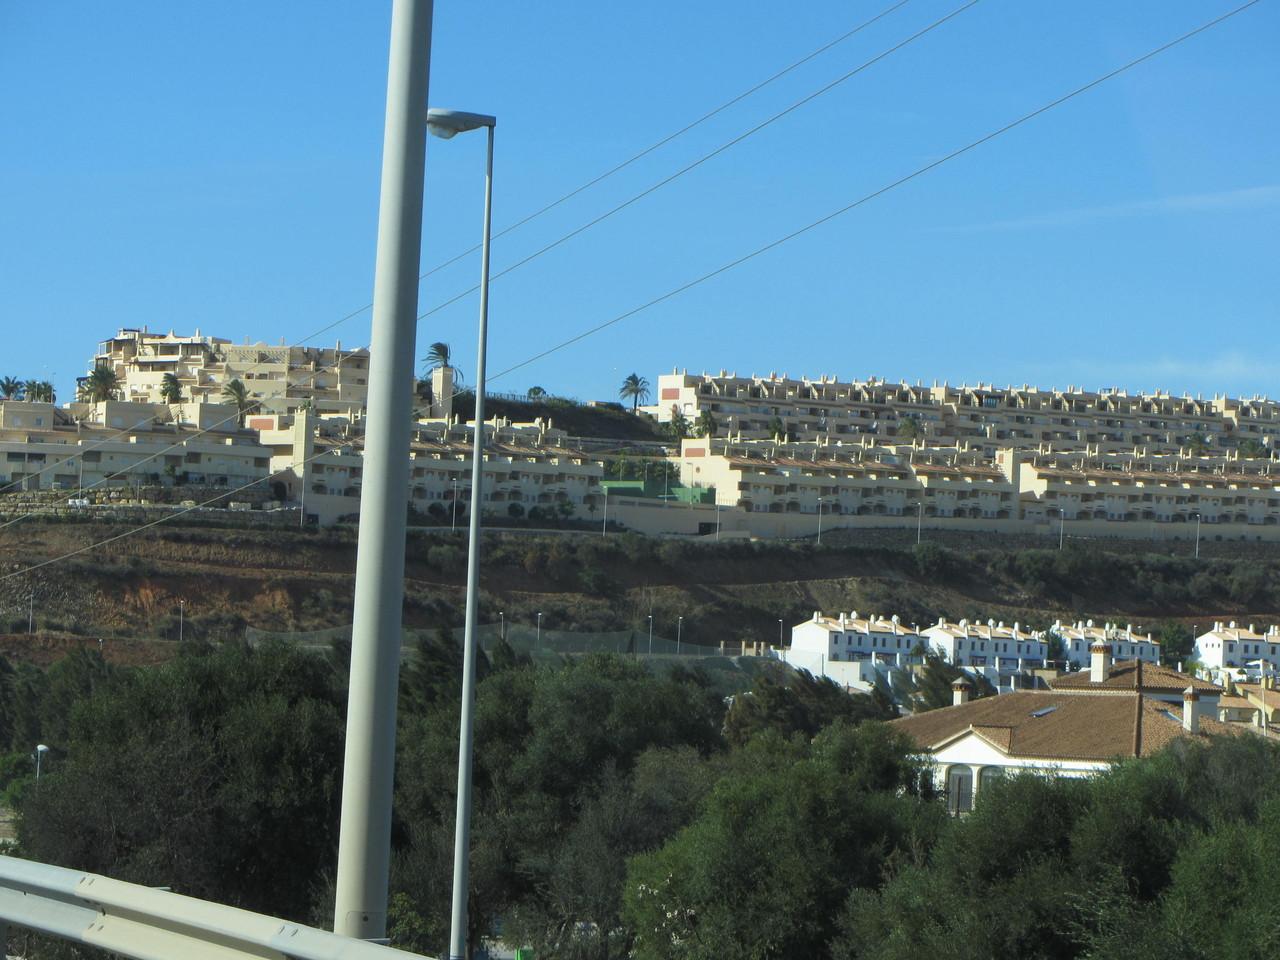 Urbanisationen im Hinterland